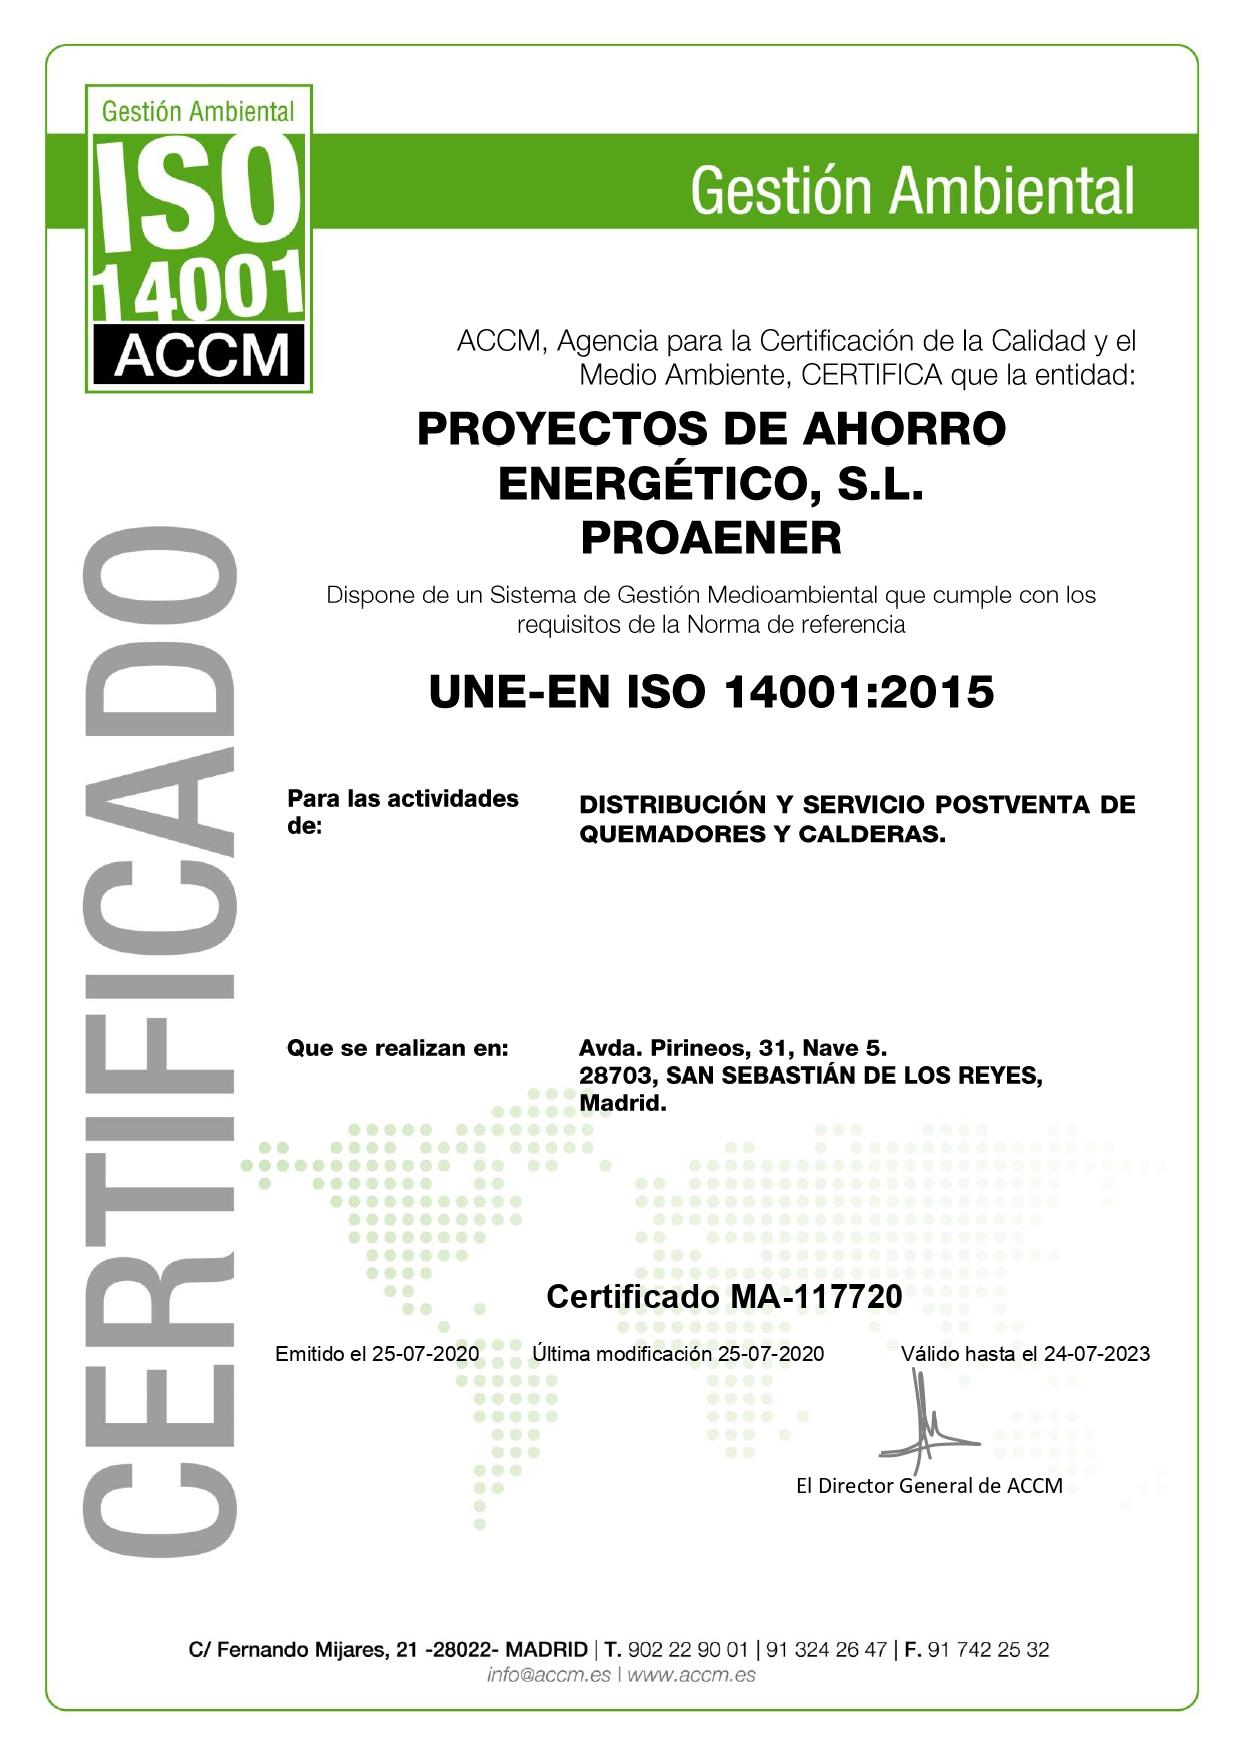 Proaener ISO 14001 - MA-117720